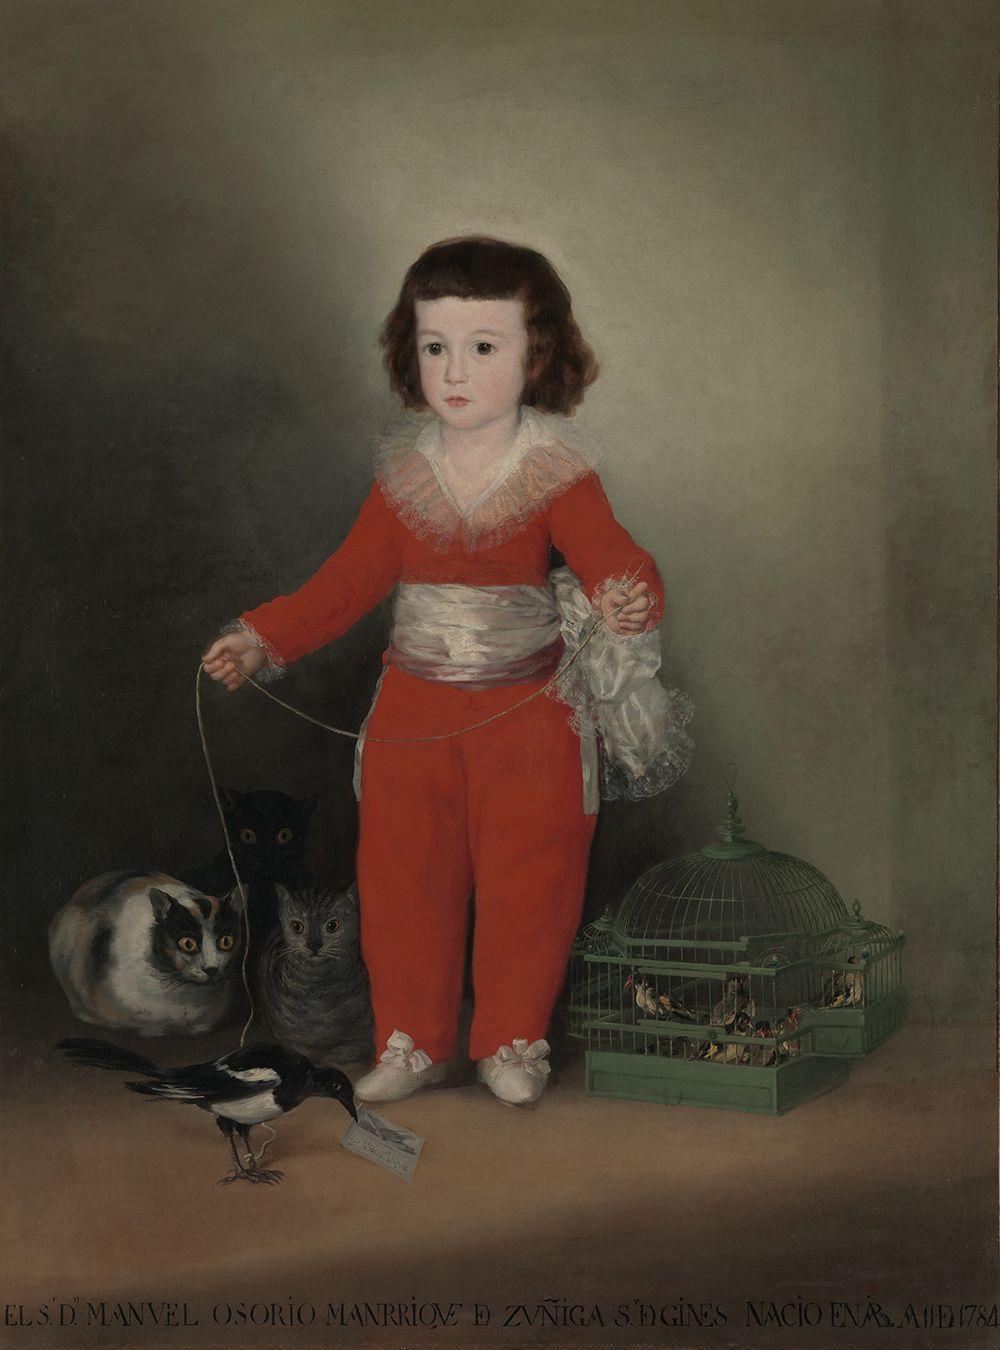 «Дон Мануэль Осорио Манрике де Суньига в детстве». Написана до 1787 года. На полотне изображён мальчик, держащий на привязи сороку, которую подстерегают коты. Птица символизирует любопытство и, возможно, невинность ребёнка. Коты здесь противопоставлены невинности сороки и ребёнка. С правой стороны размещены птицы, заключённые в клетку. Мануэль Осорио скончался в 1792 году, не дожив до 10 лет.